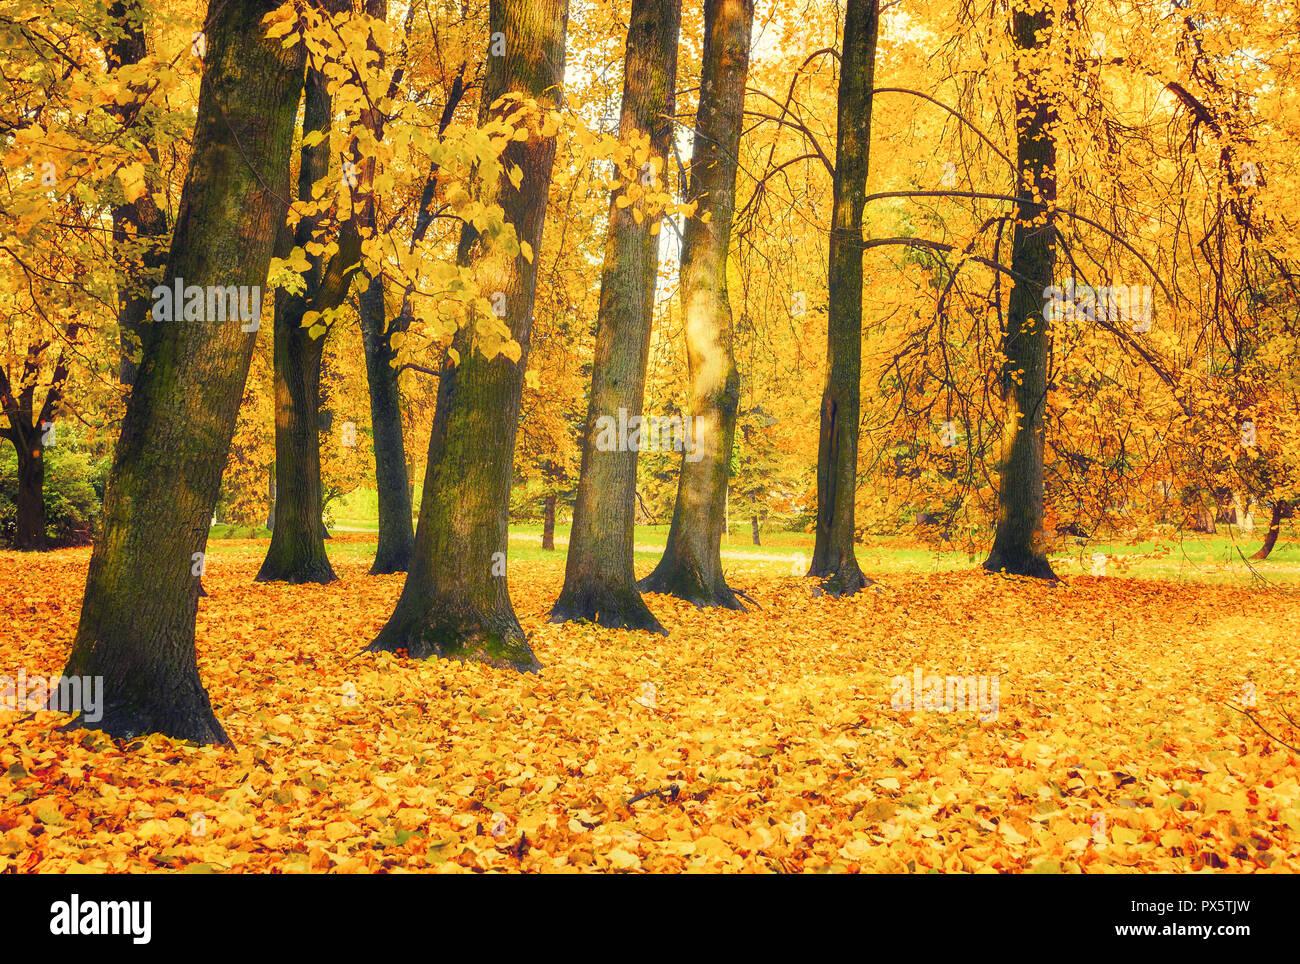 autumn picturesque landscape autumn